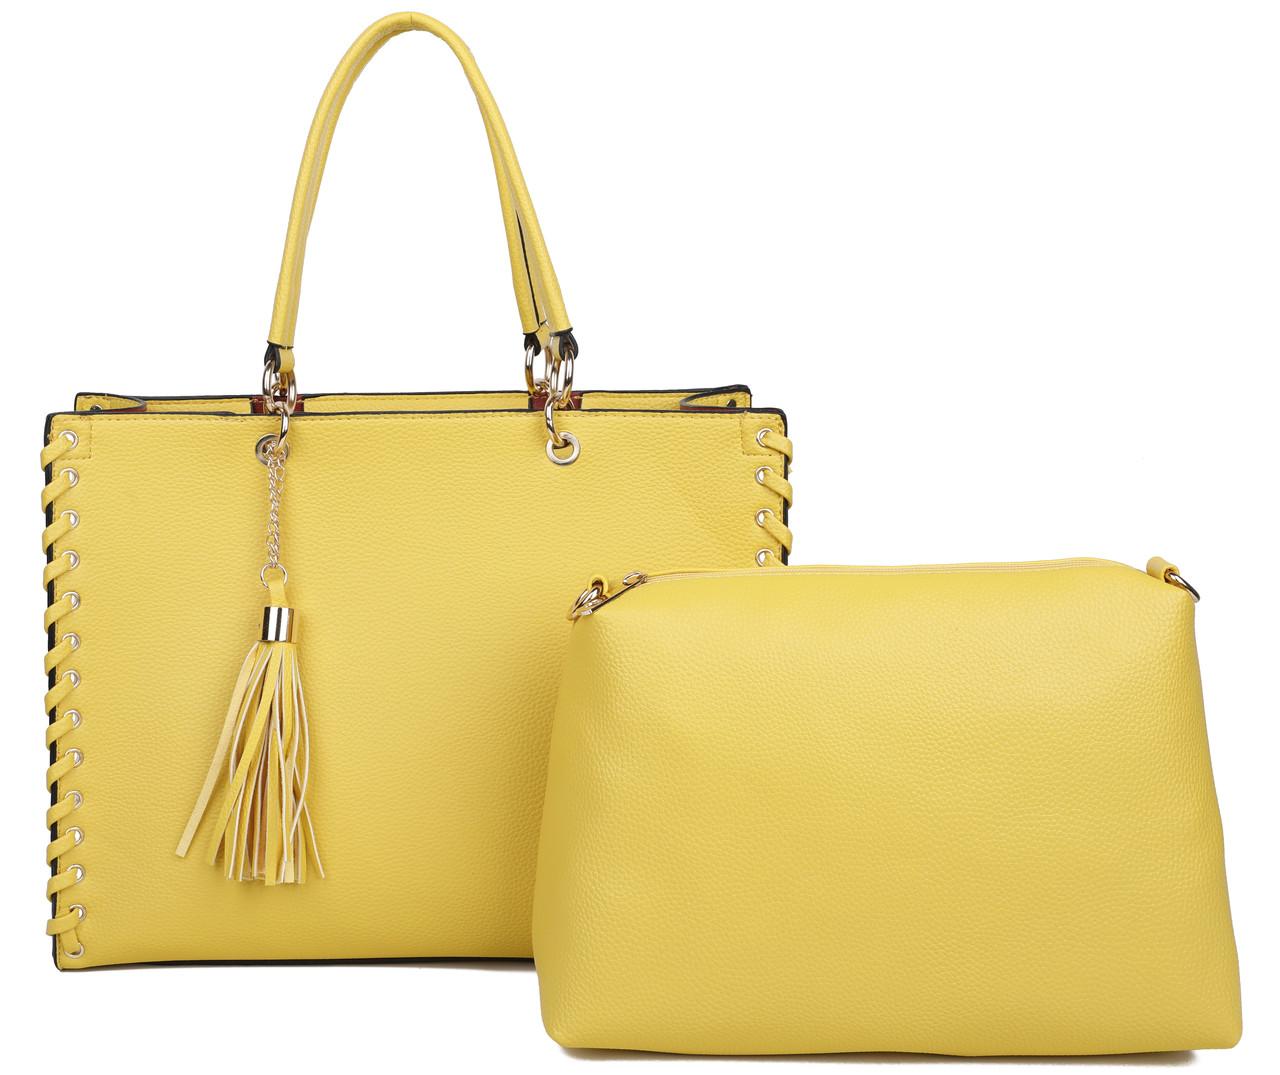 8cdb01689419 Женская сумка 1598 yellow купить сумку женскую недорого - Интернет магазин